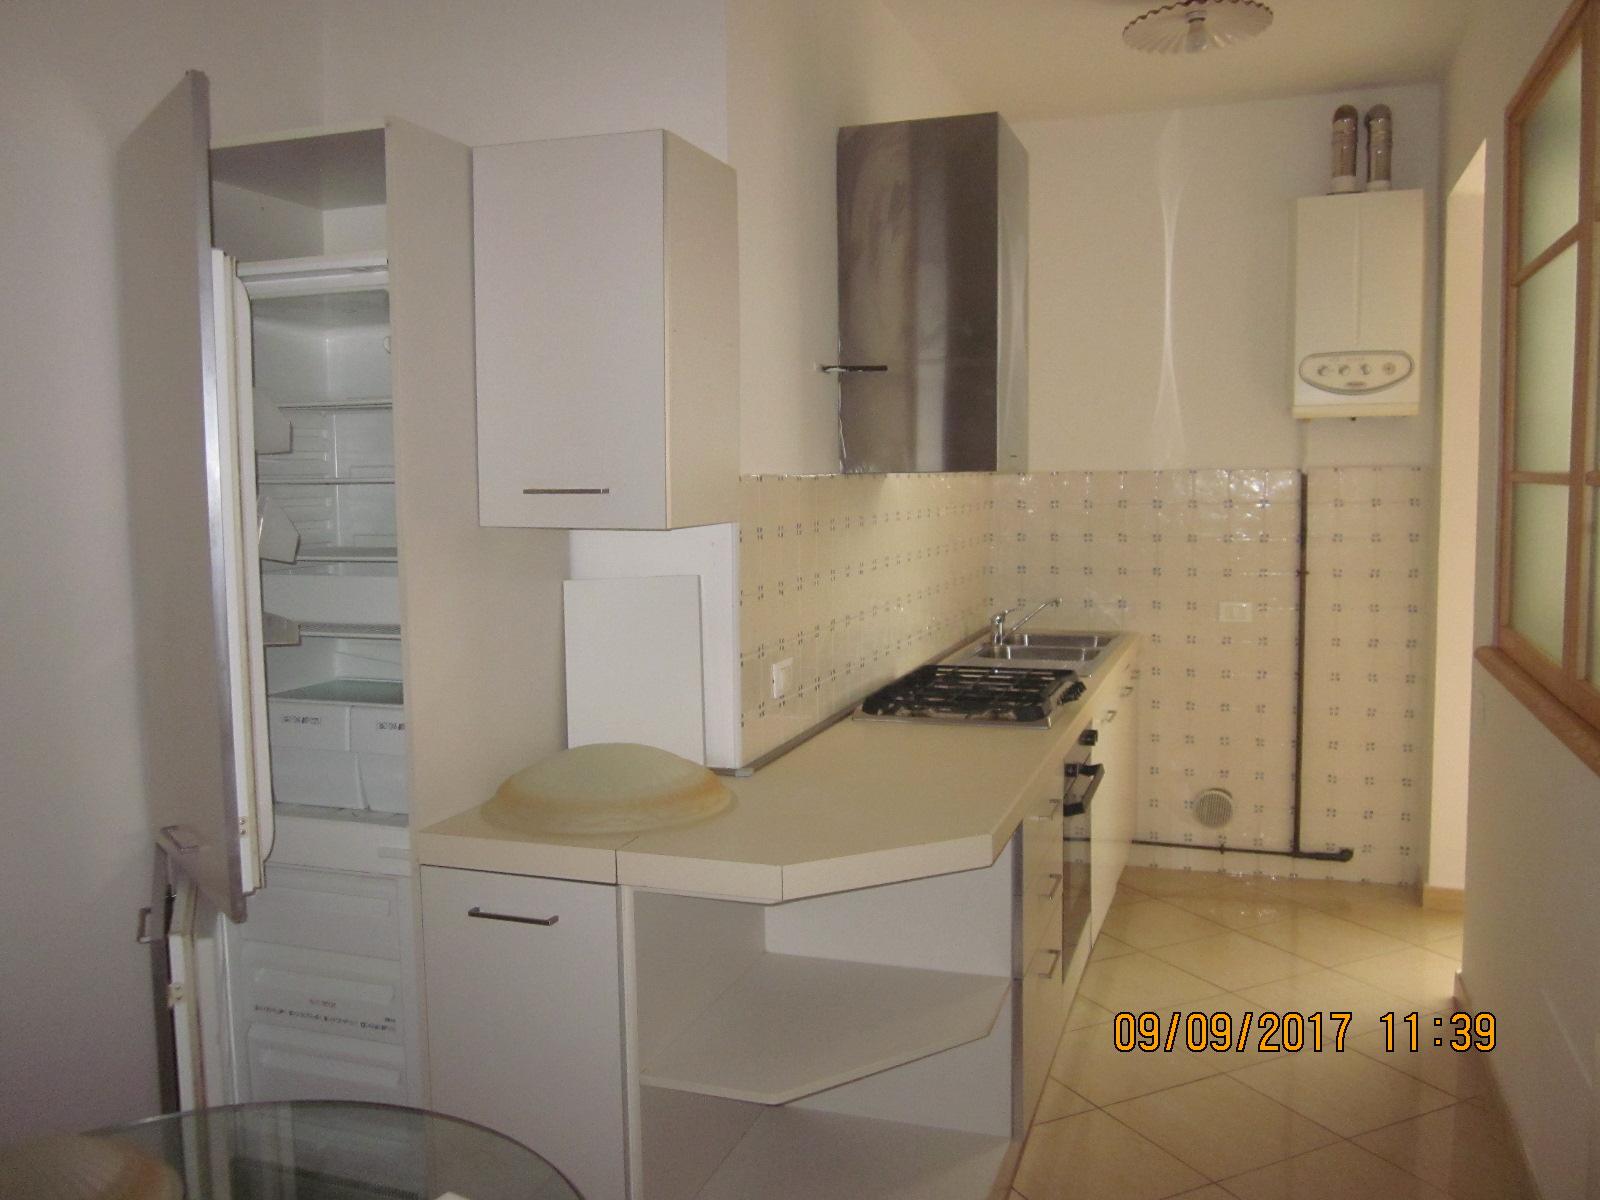 Appartamento in affitto a Viareggio, 4 locali, zona Località: Darsena/CampoDaviazione, prezzo € 800 | CambioCasa.it